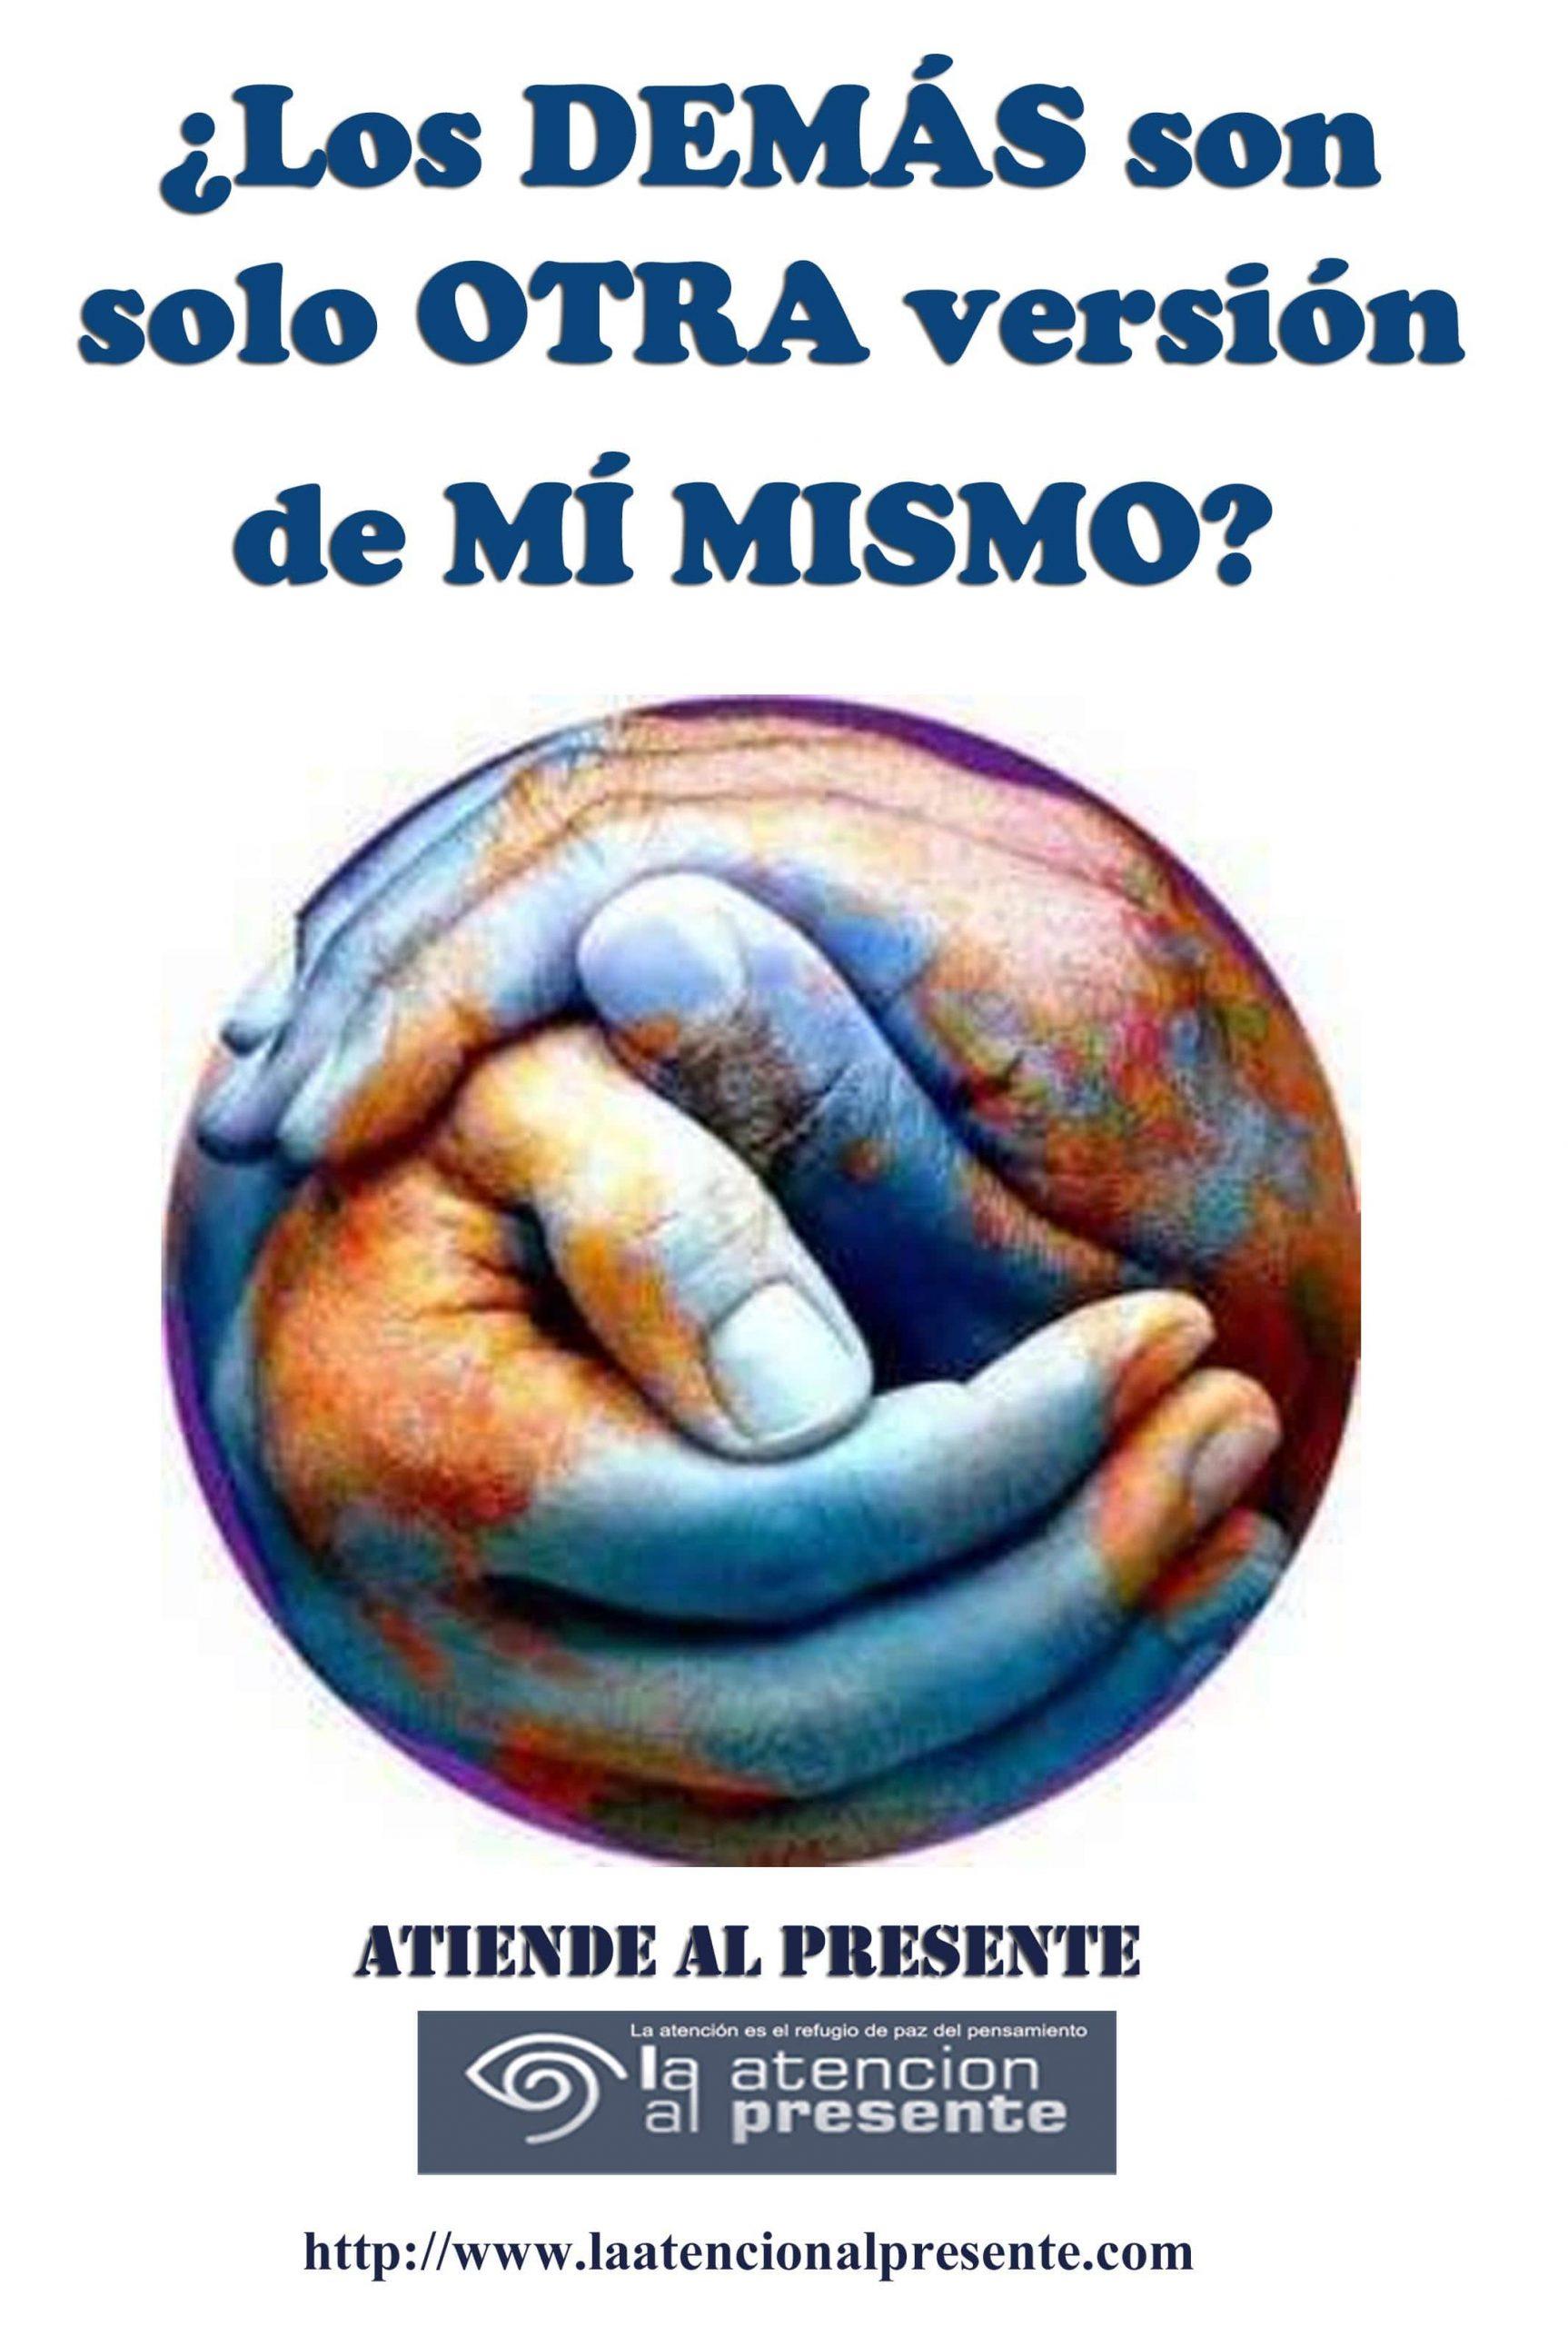 14 de Abril Isa Los DEMAS son solo OTRA version de MI MISMO min scaled